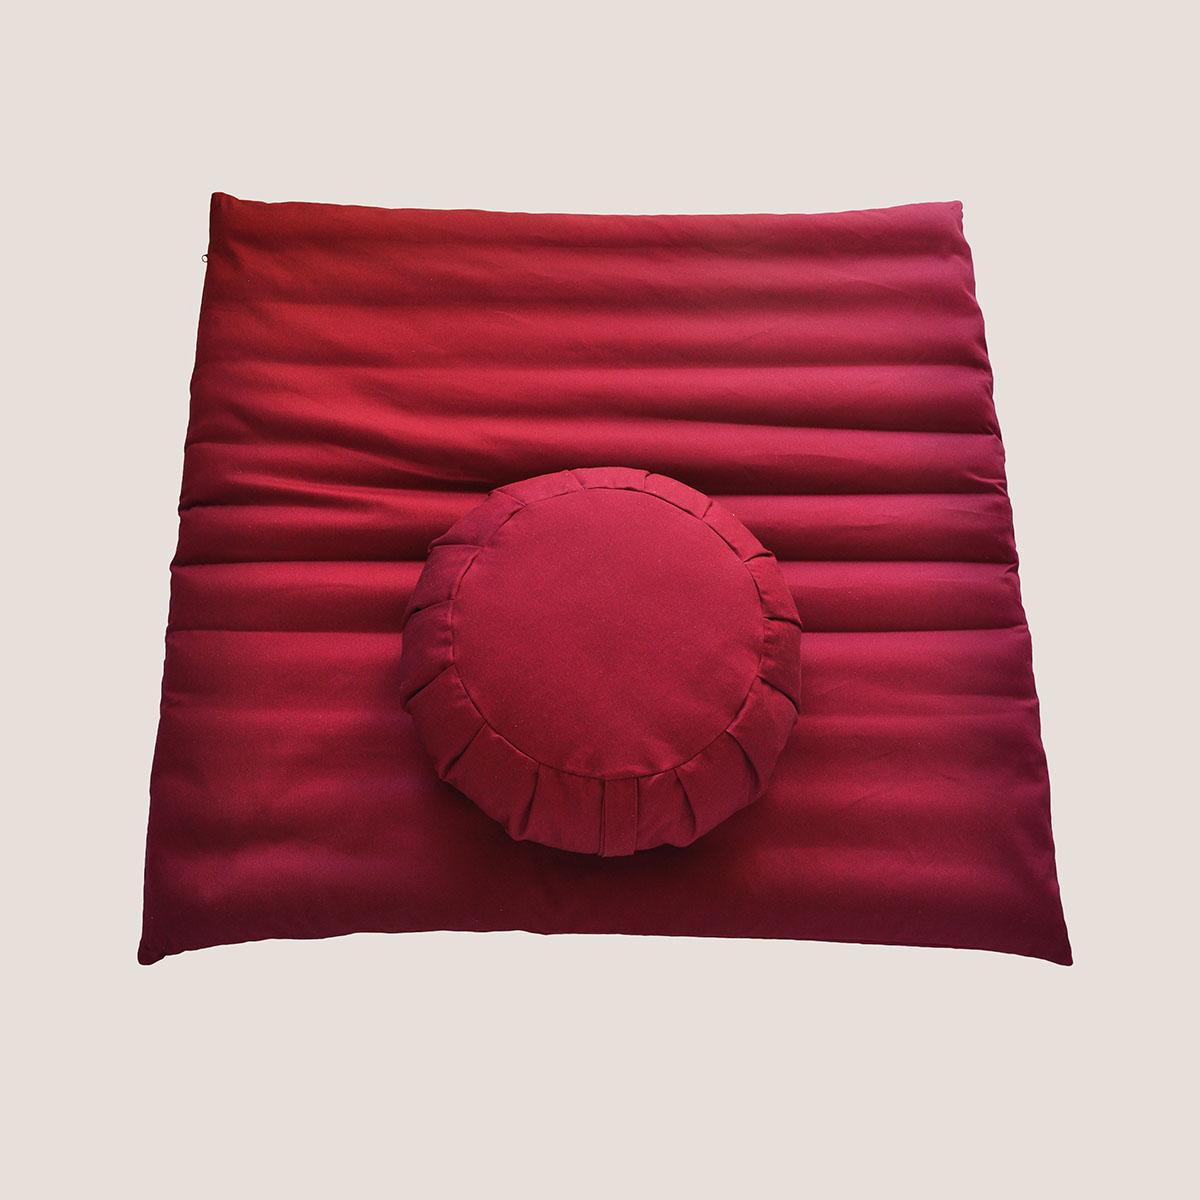 Zafu and Zabuton Meditation Cushion Set  Eco Health Lab